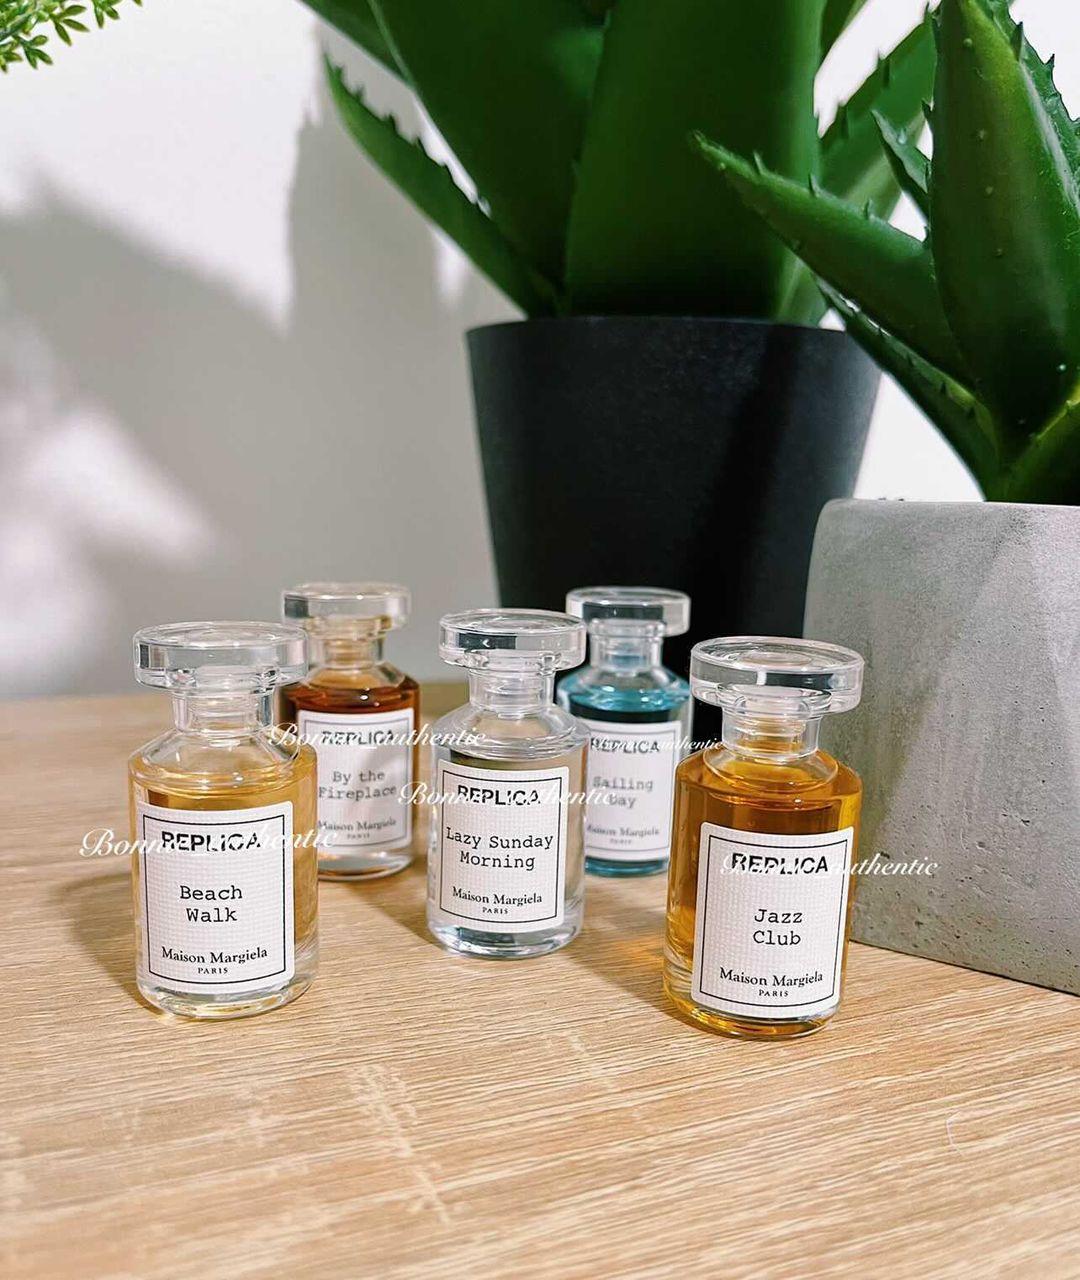 Sắm nước hoa mini size cho tiết kiệm đi chị em: Mùi nào cũng thơm nức mà giá siêu bèo - Ảnh 3.